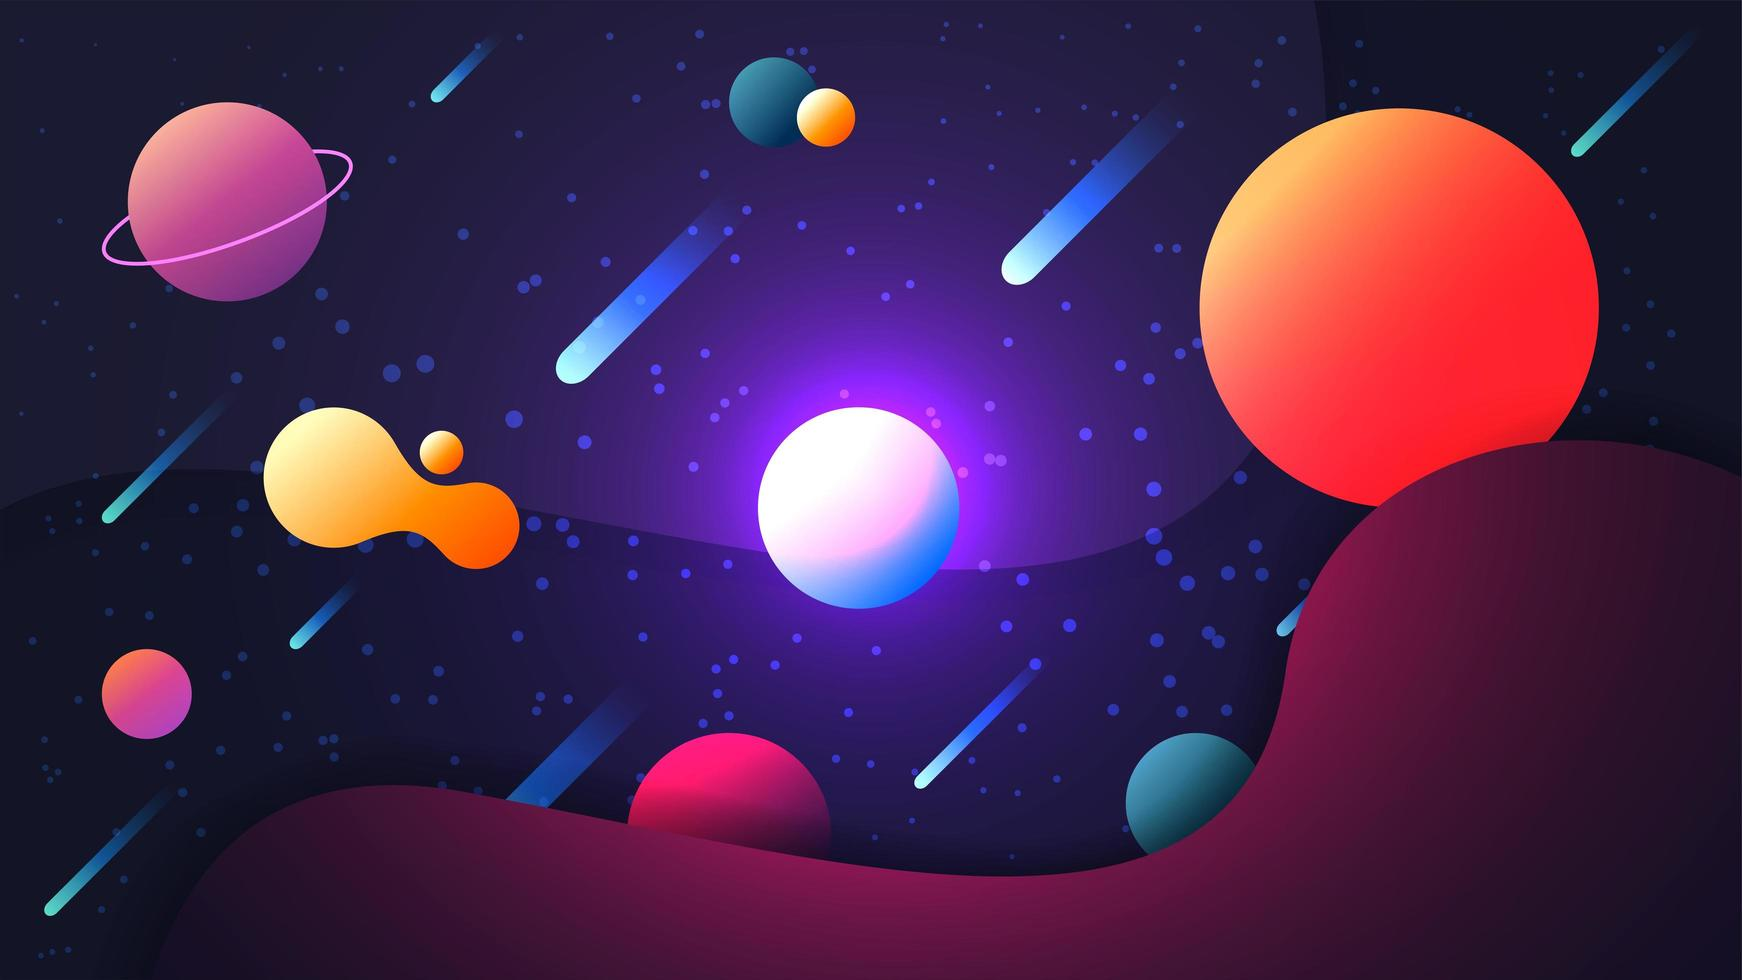 cena de espaço brilhante colorido vetor